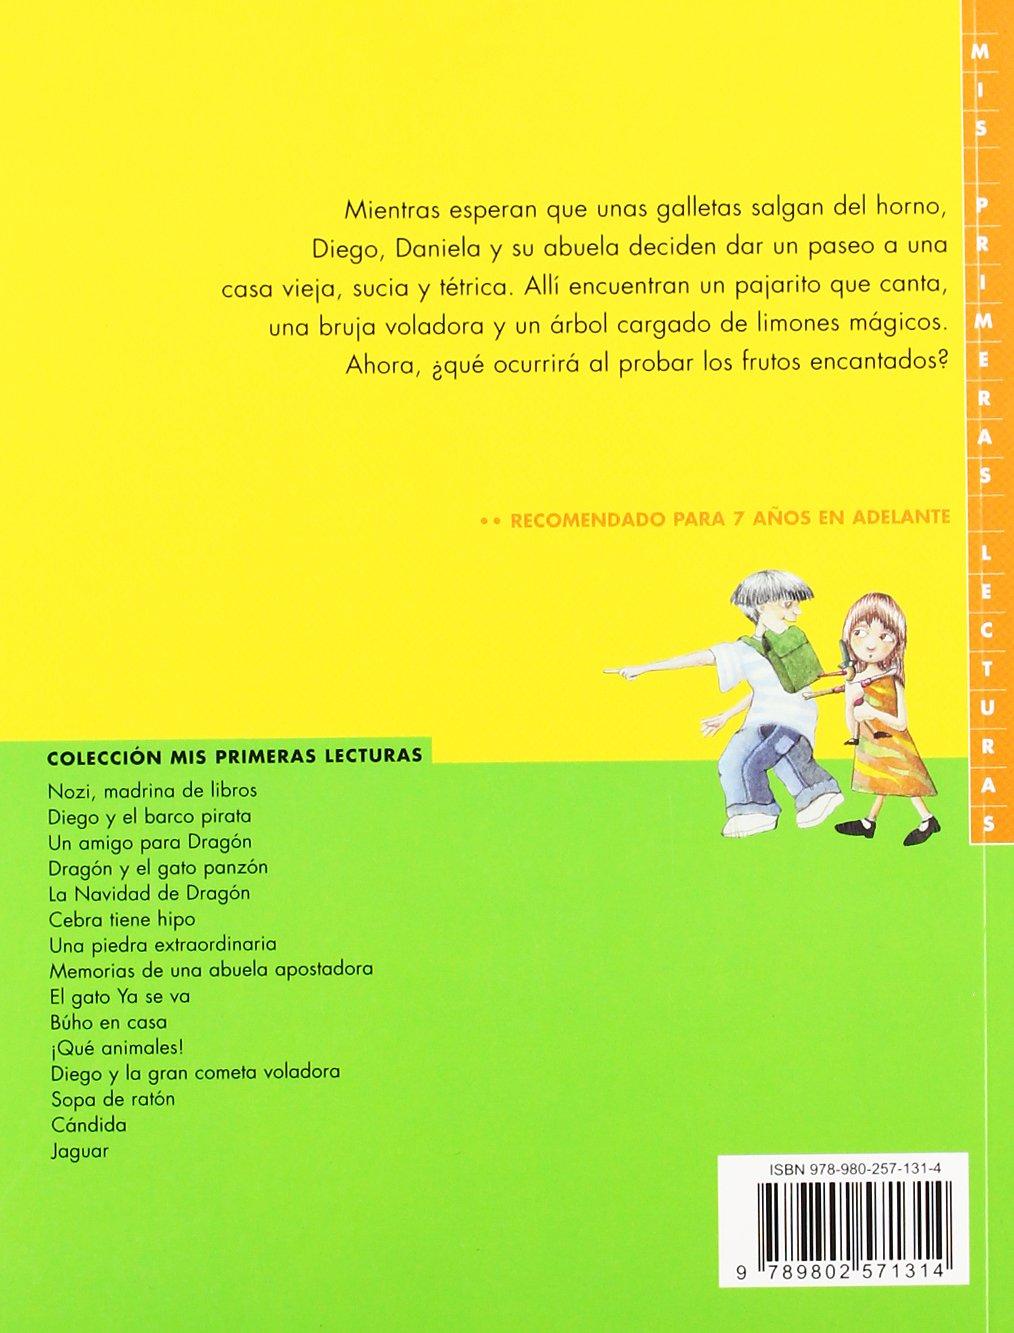 Diego Y Los Limones Magicos (Los Cuentos De Diego) (Spanish Edition): Veronica Uribe, Iva Da Coll, Ivar Da Coll, Ivar Da Coll: 9789802571314: Amazon.com: ...